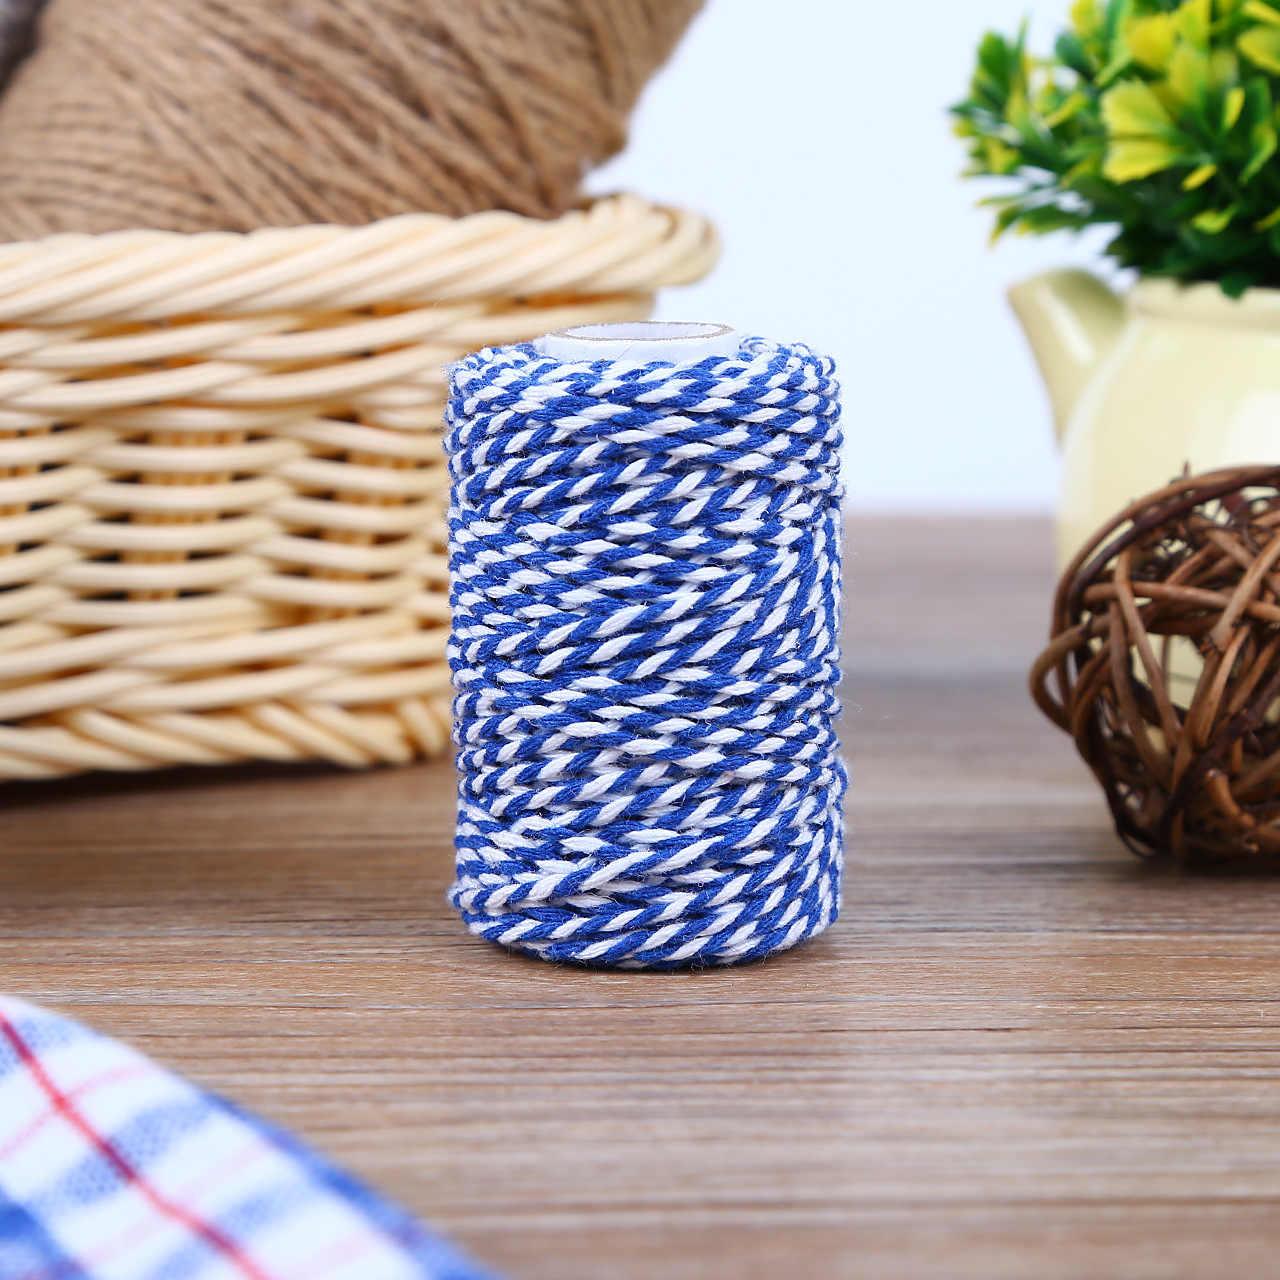 Diy trançado cordões presente embalagem acessórios decoração festa de casamento embalagem dupla cor algodão padeiro corda